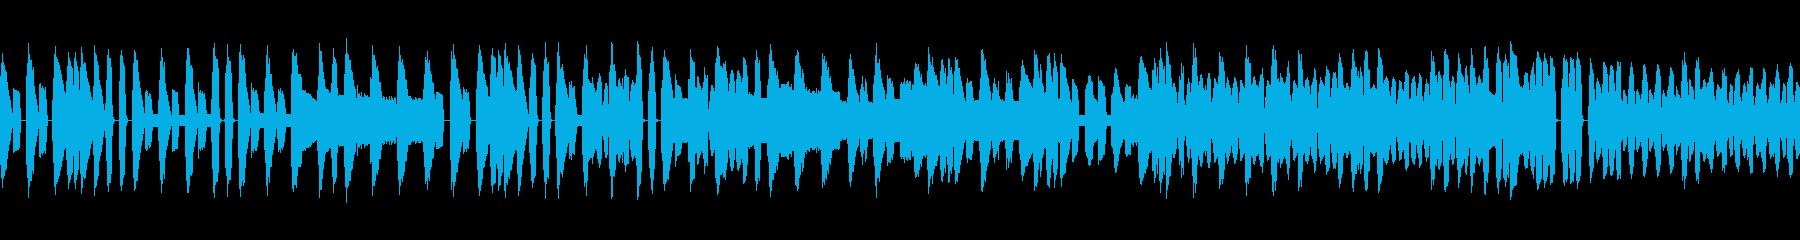 レトロゲーム風・城・宮廷・バロックの再生済みの波形